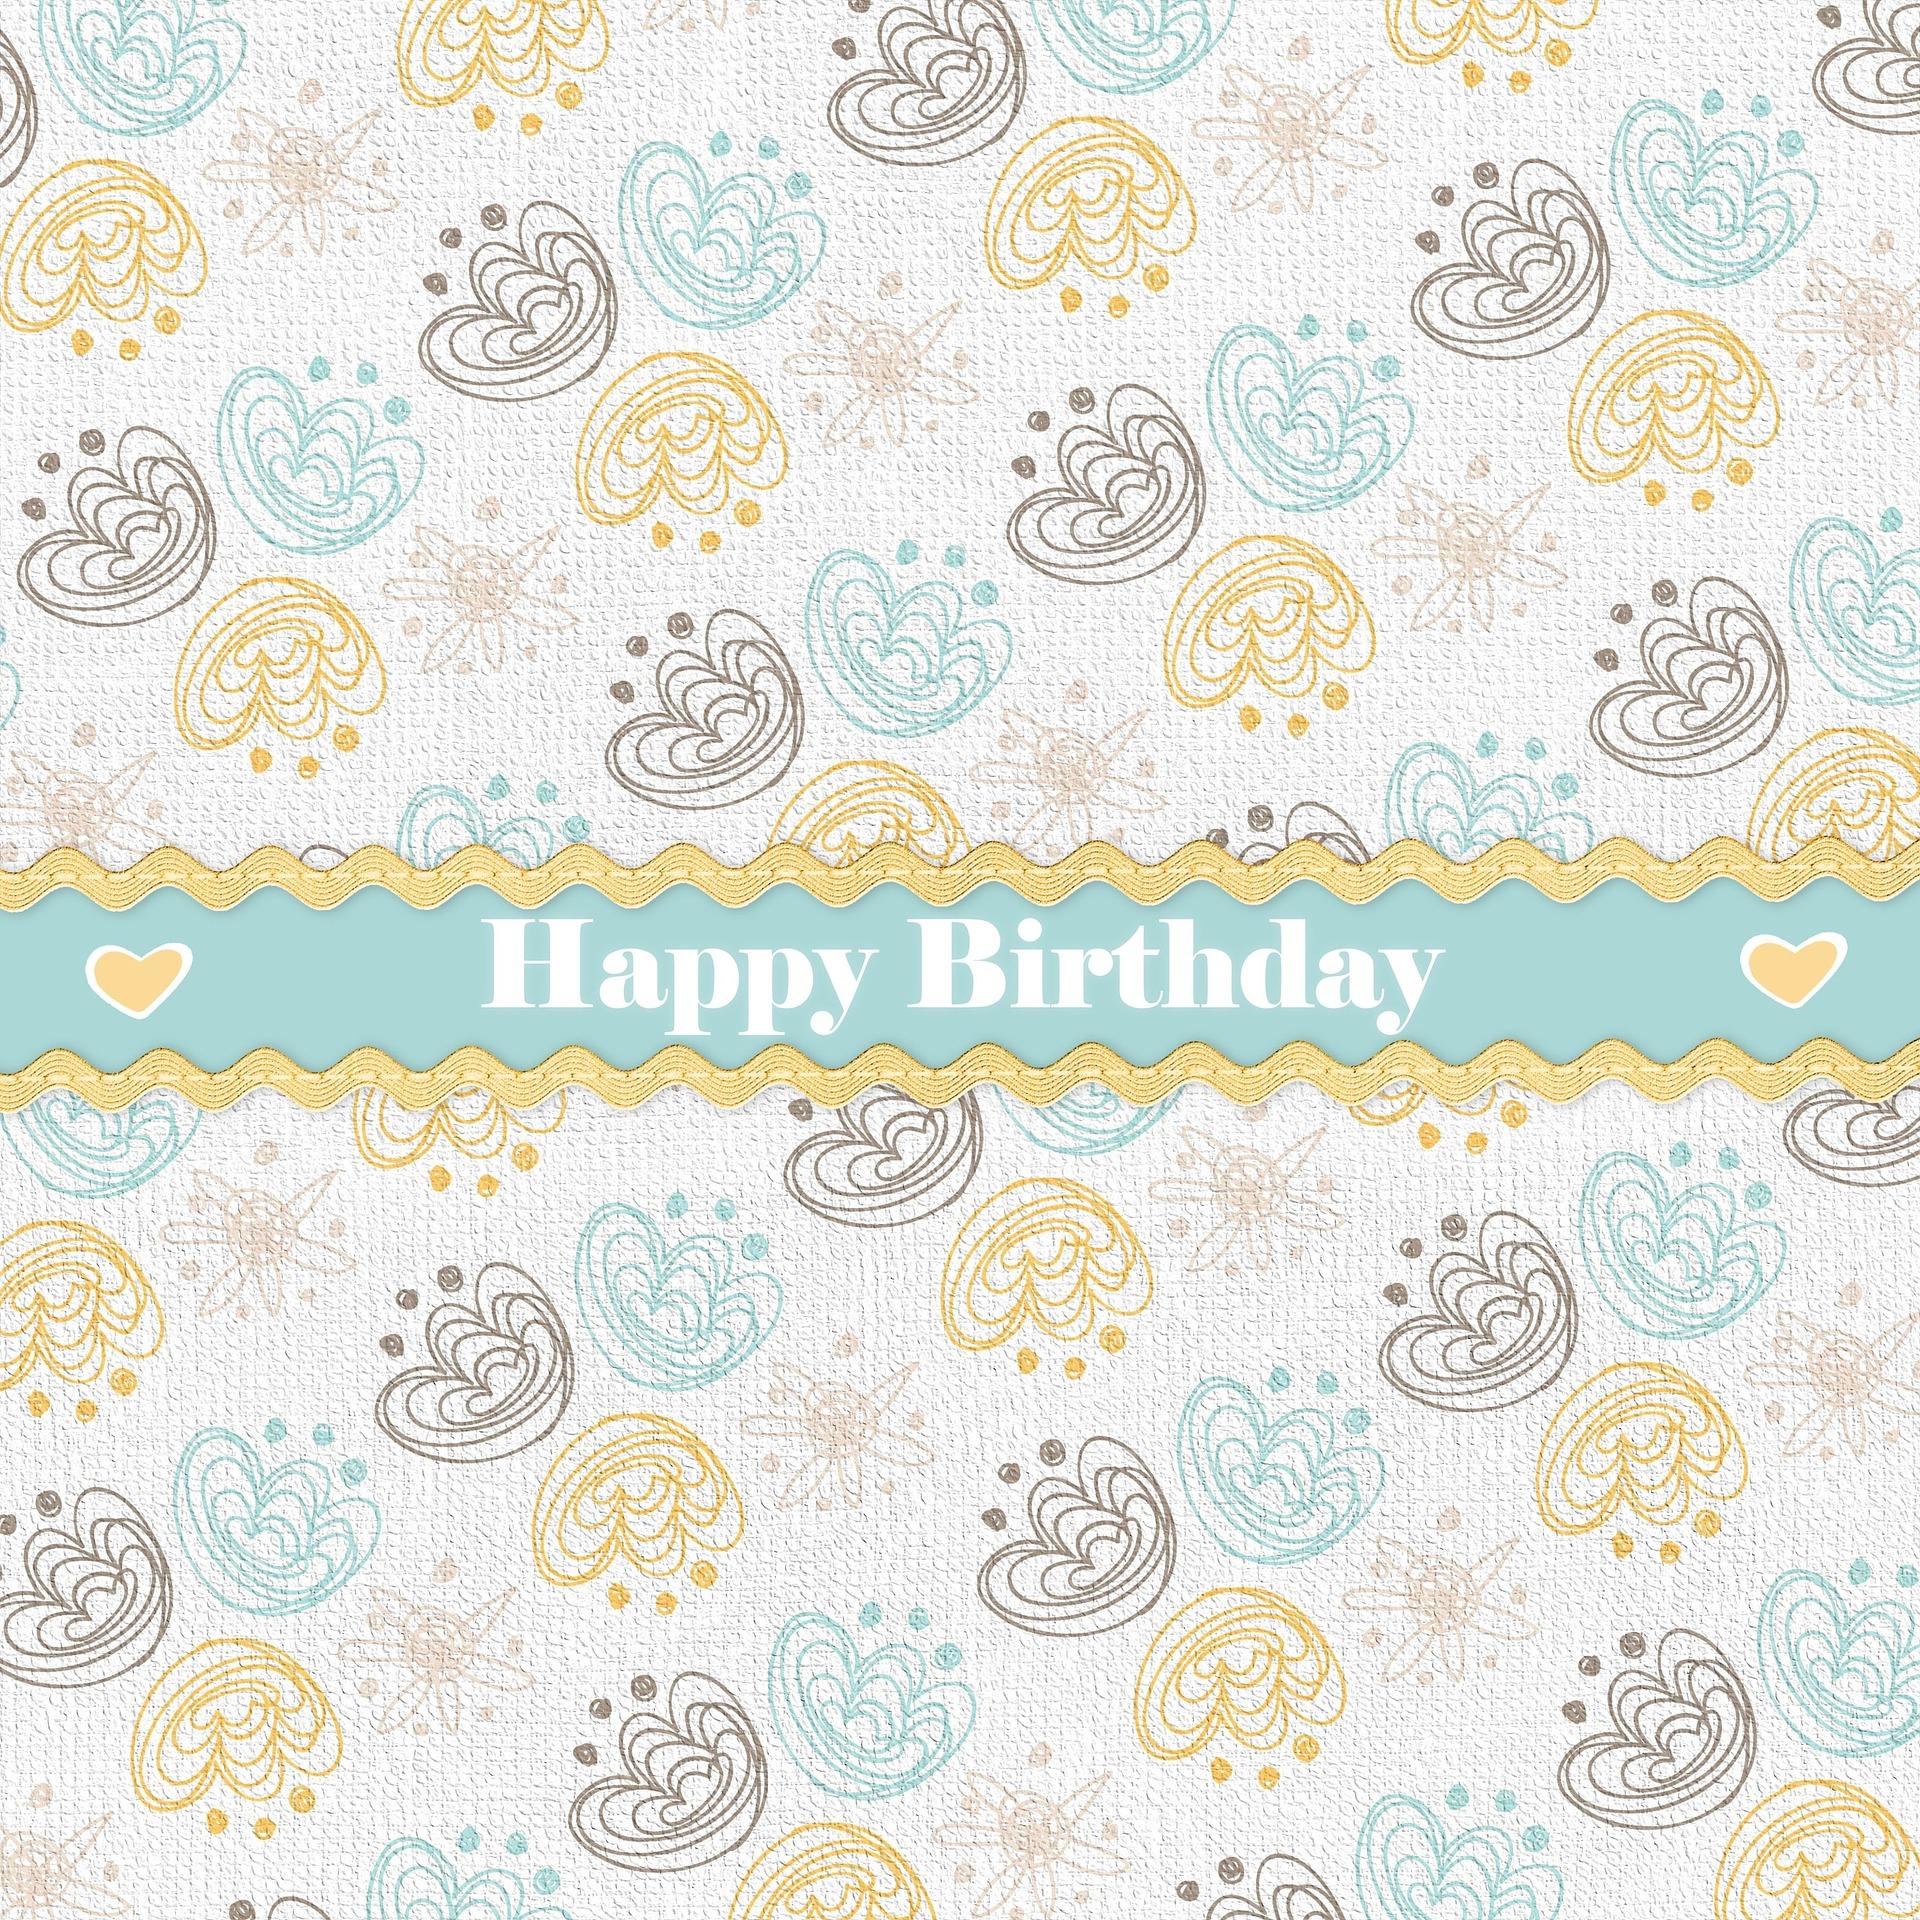 Liebevolle Geburtstagswünsche – Designs & Sprüche